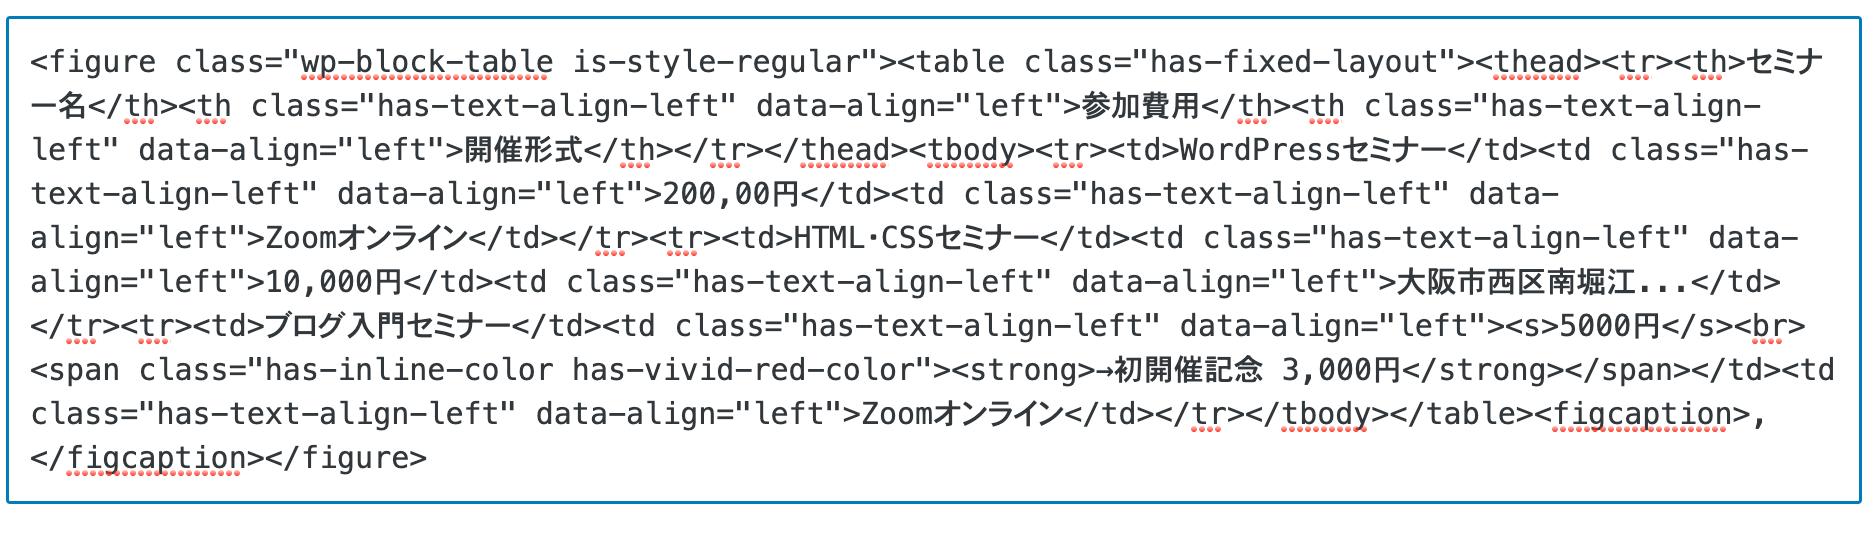 表ブロック>HTMLとして編集